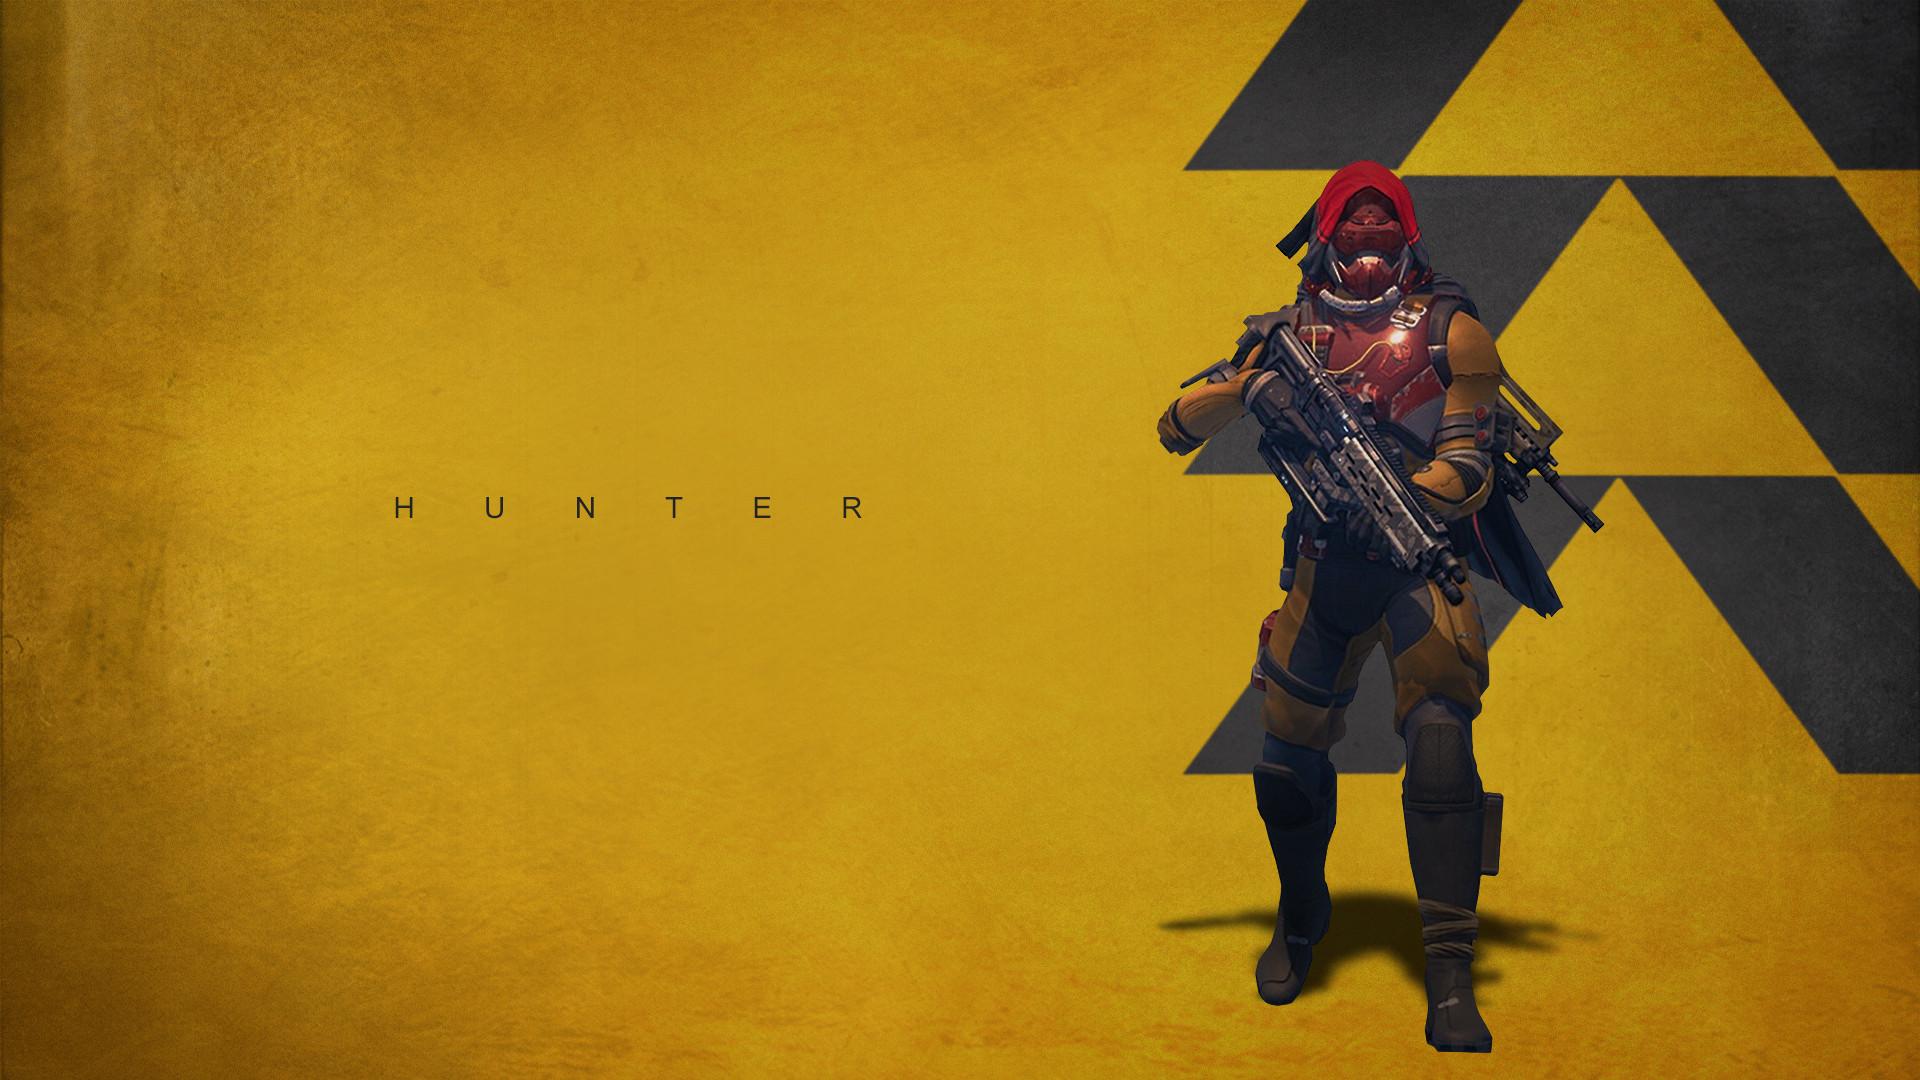 Hunter – Top FPS Game 2014 Destiny HD Wallpaper   Games   Pinterest   Fps  games and Destiny hunter